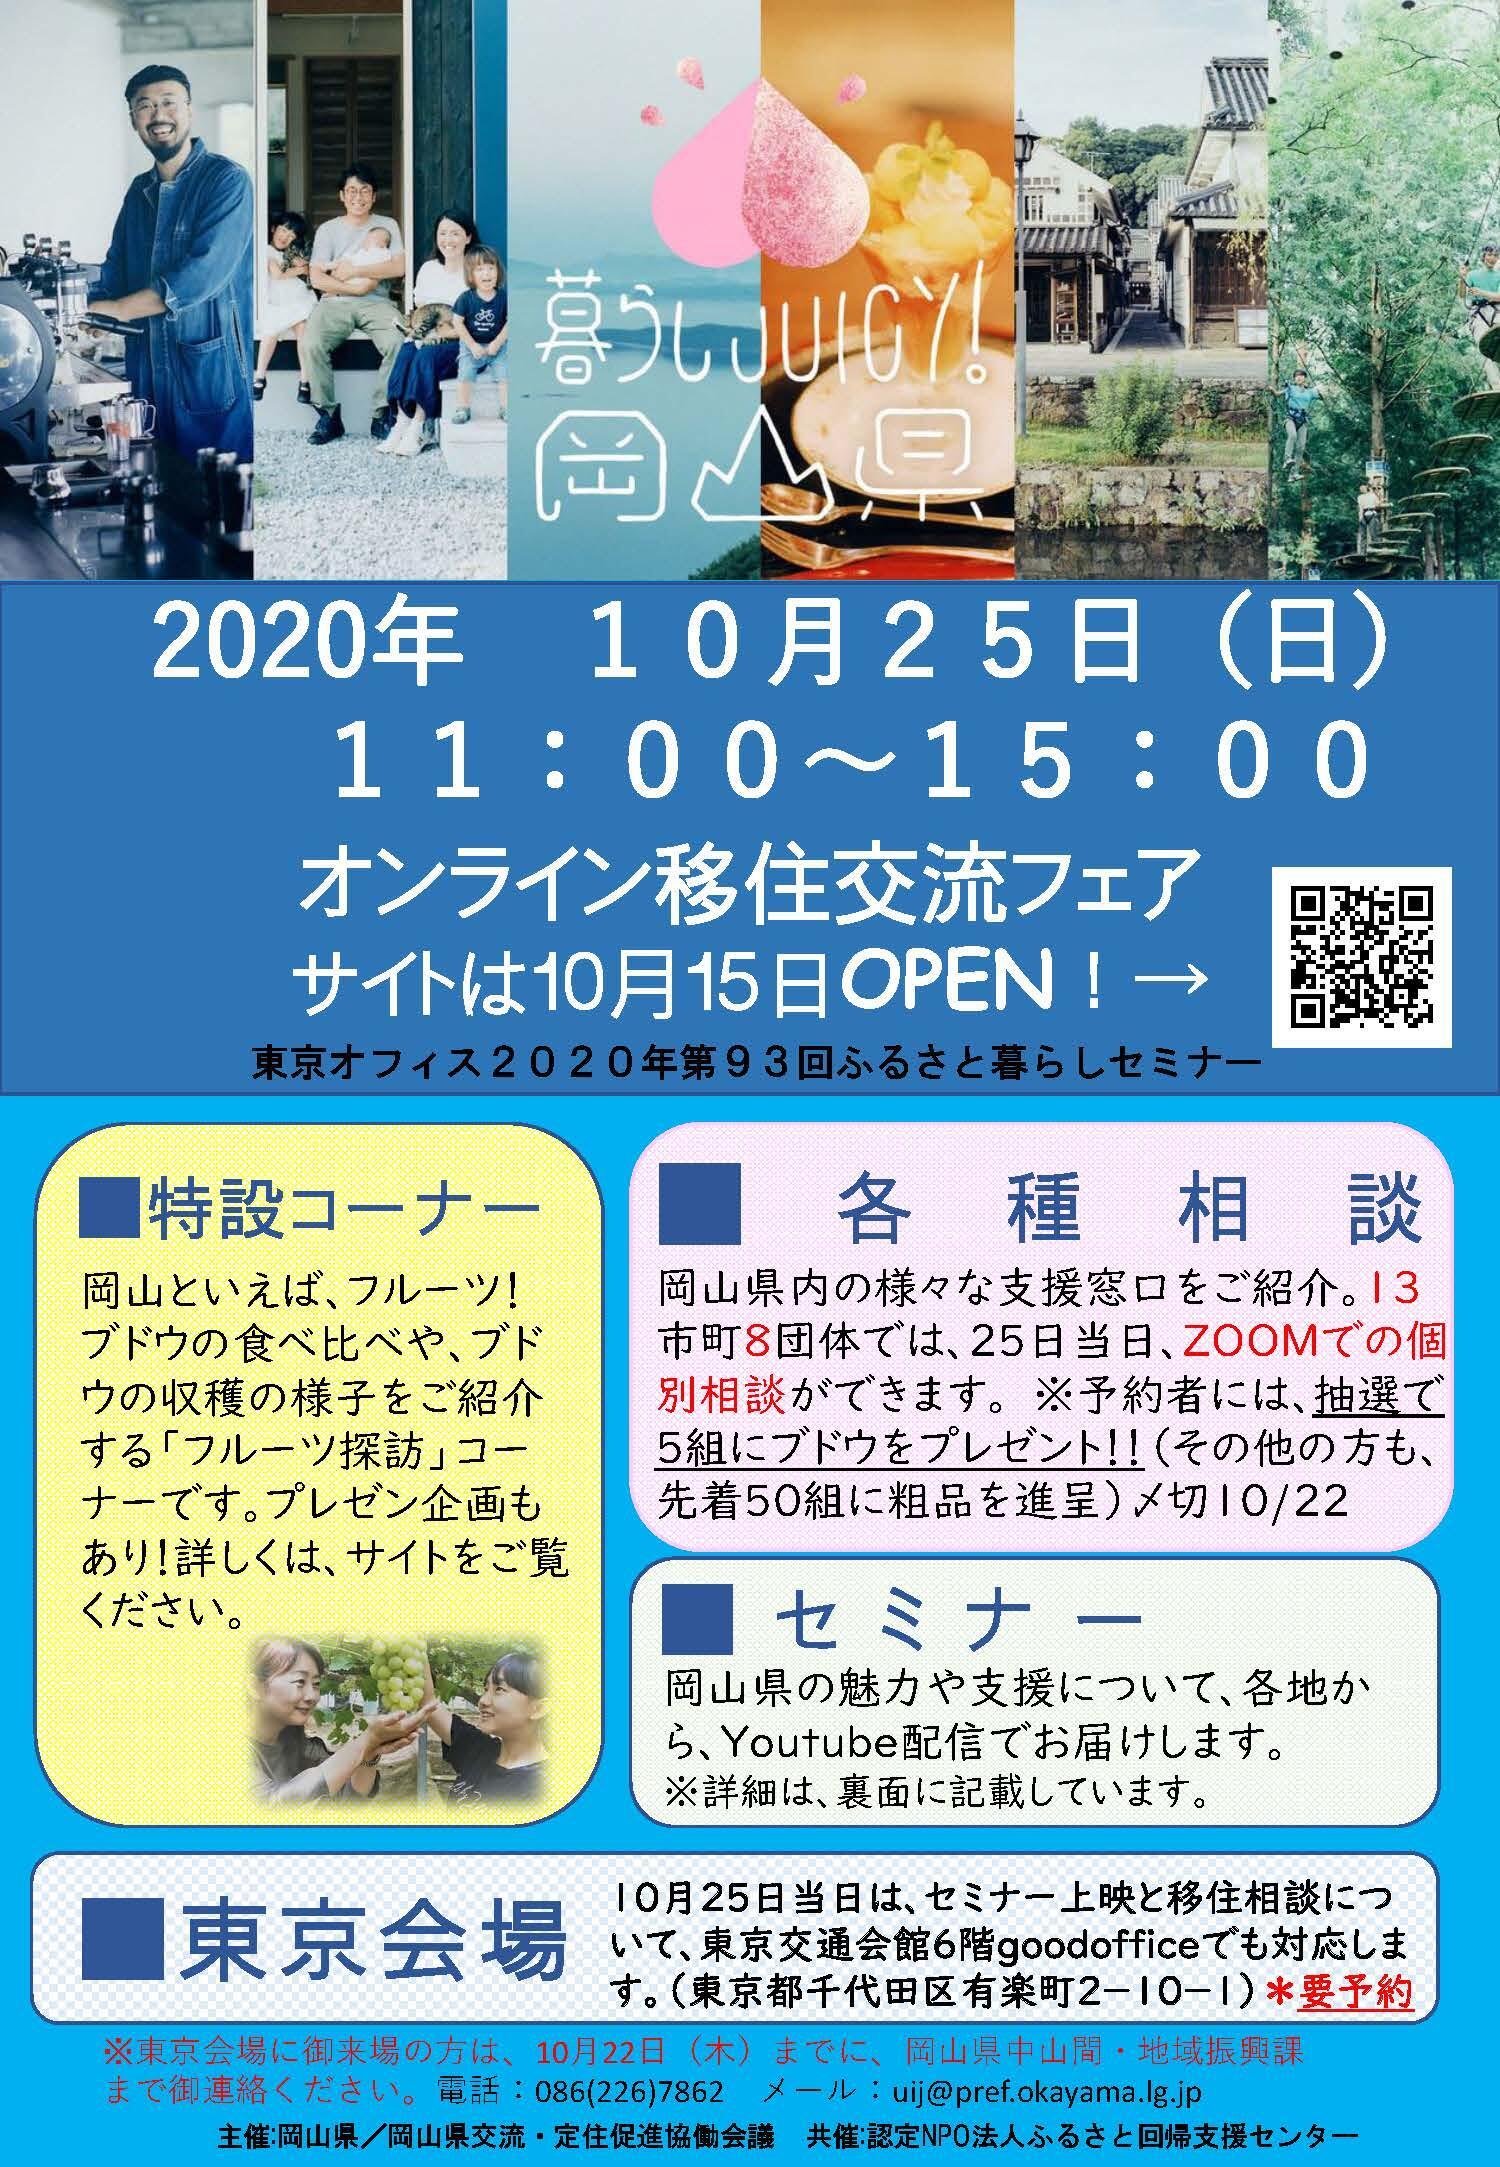 【10/25開催】「暮らしJUICY!岡山県オンライン移住交流フェア」に和気町参加決定!